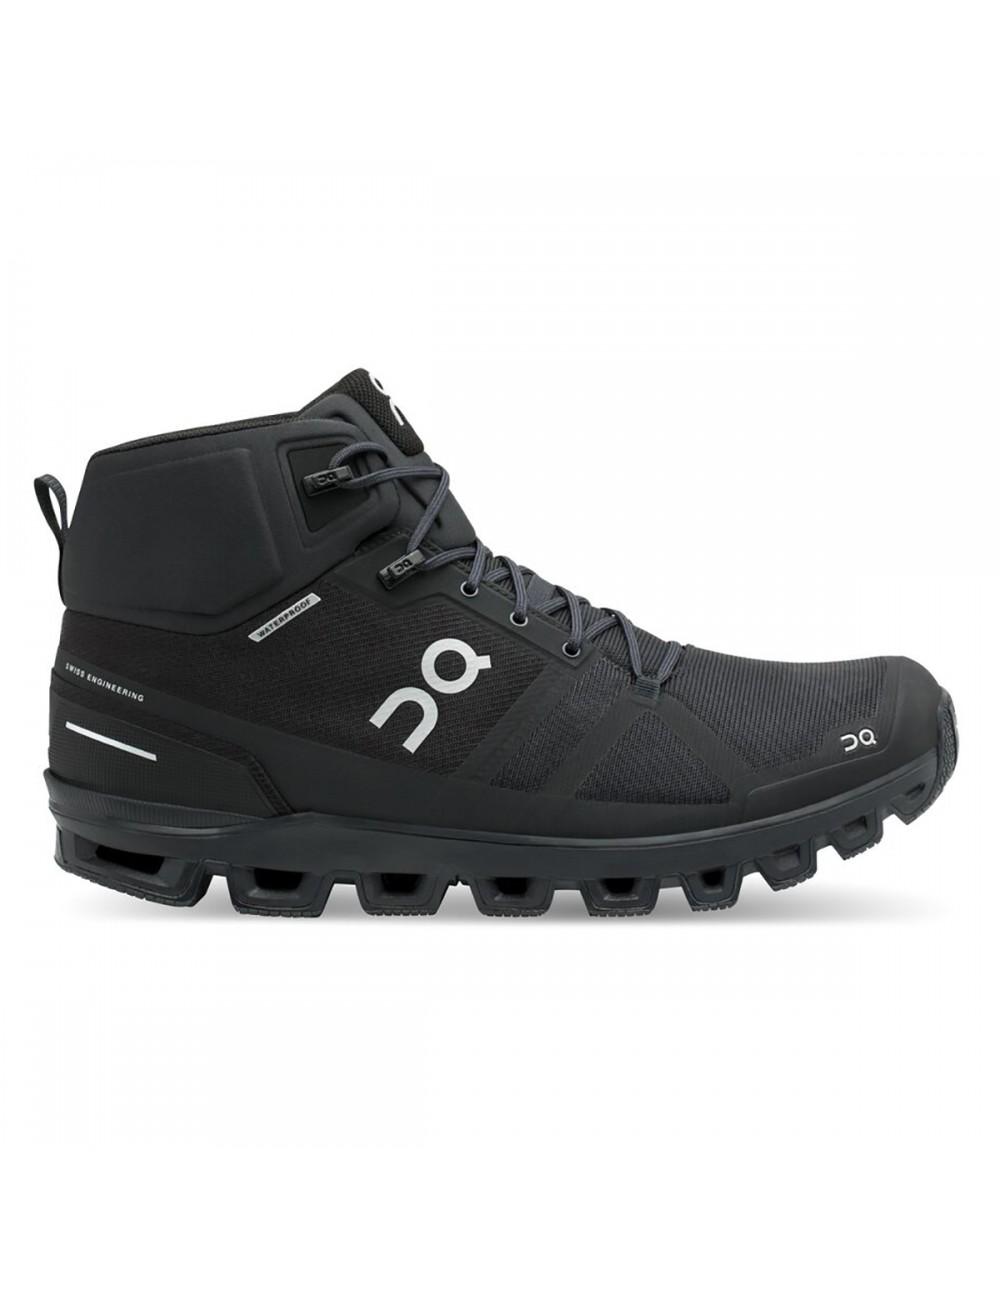 ON Cloudrock Waterproof Shoe - All Black_12663